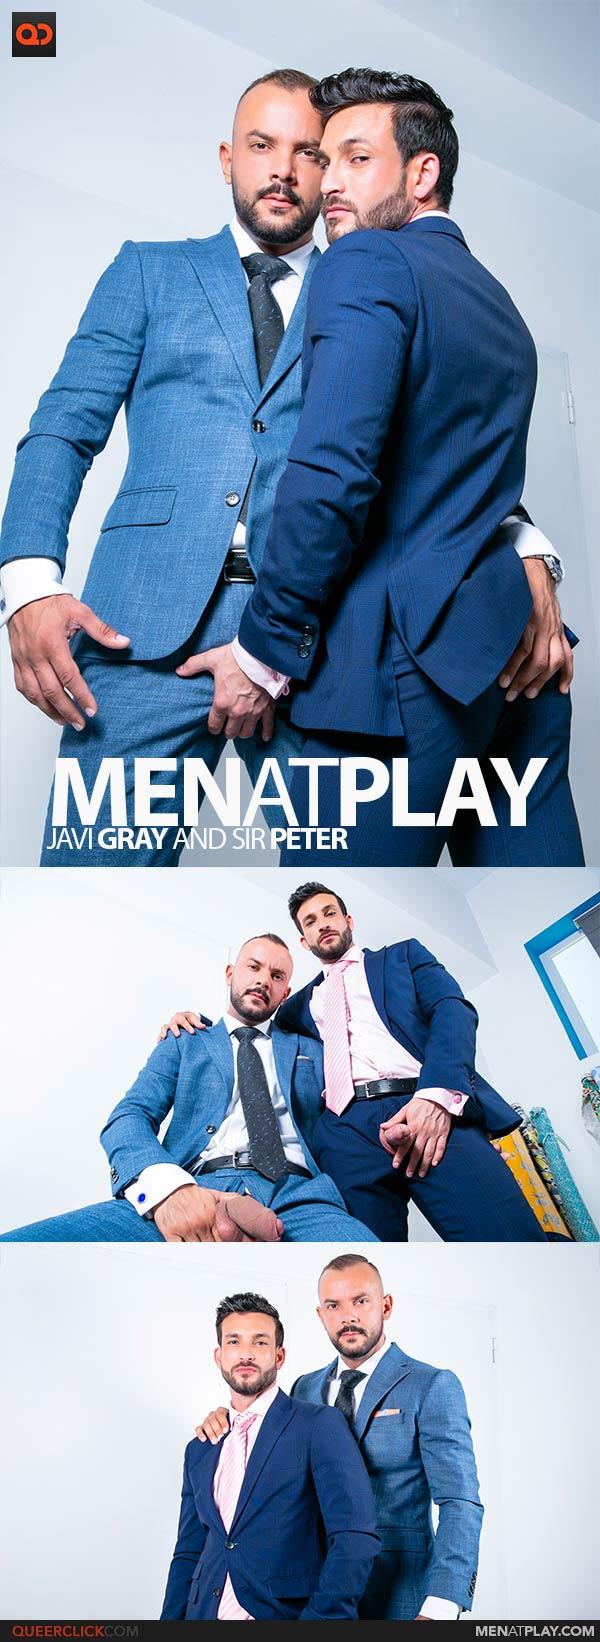 MenAtPlay: Javi Gray and Sir Peter